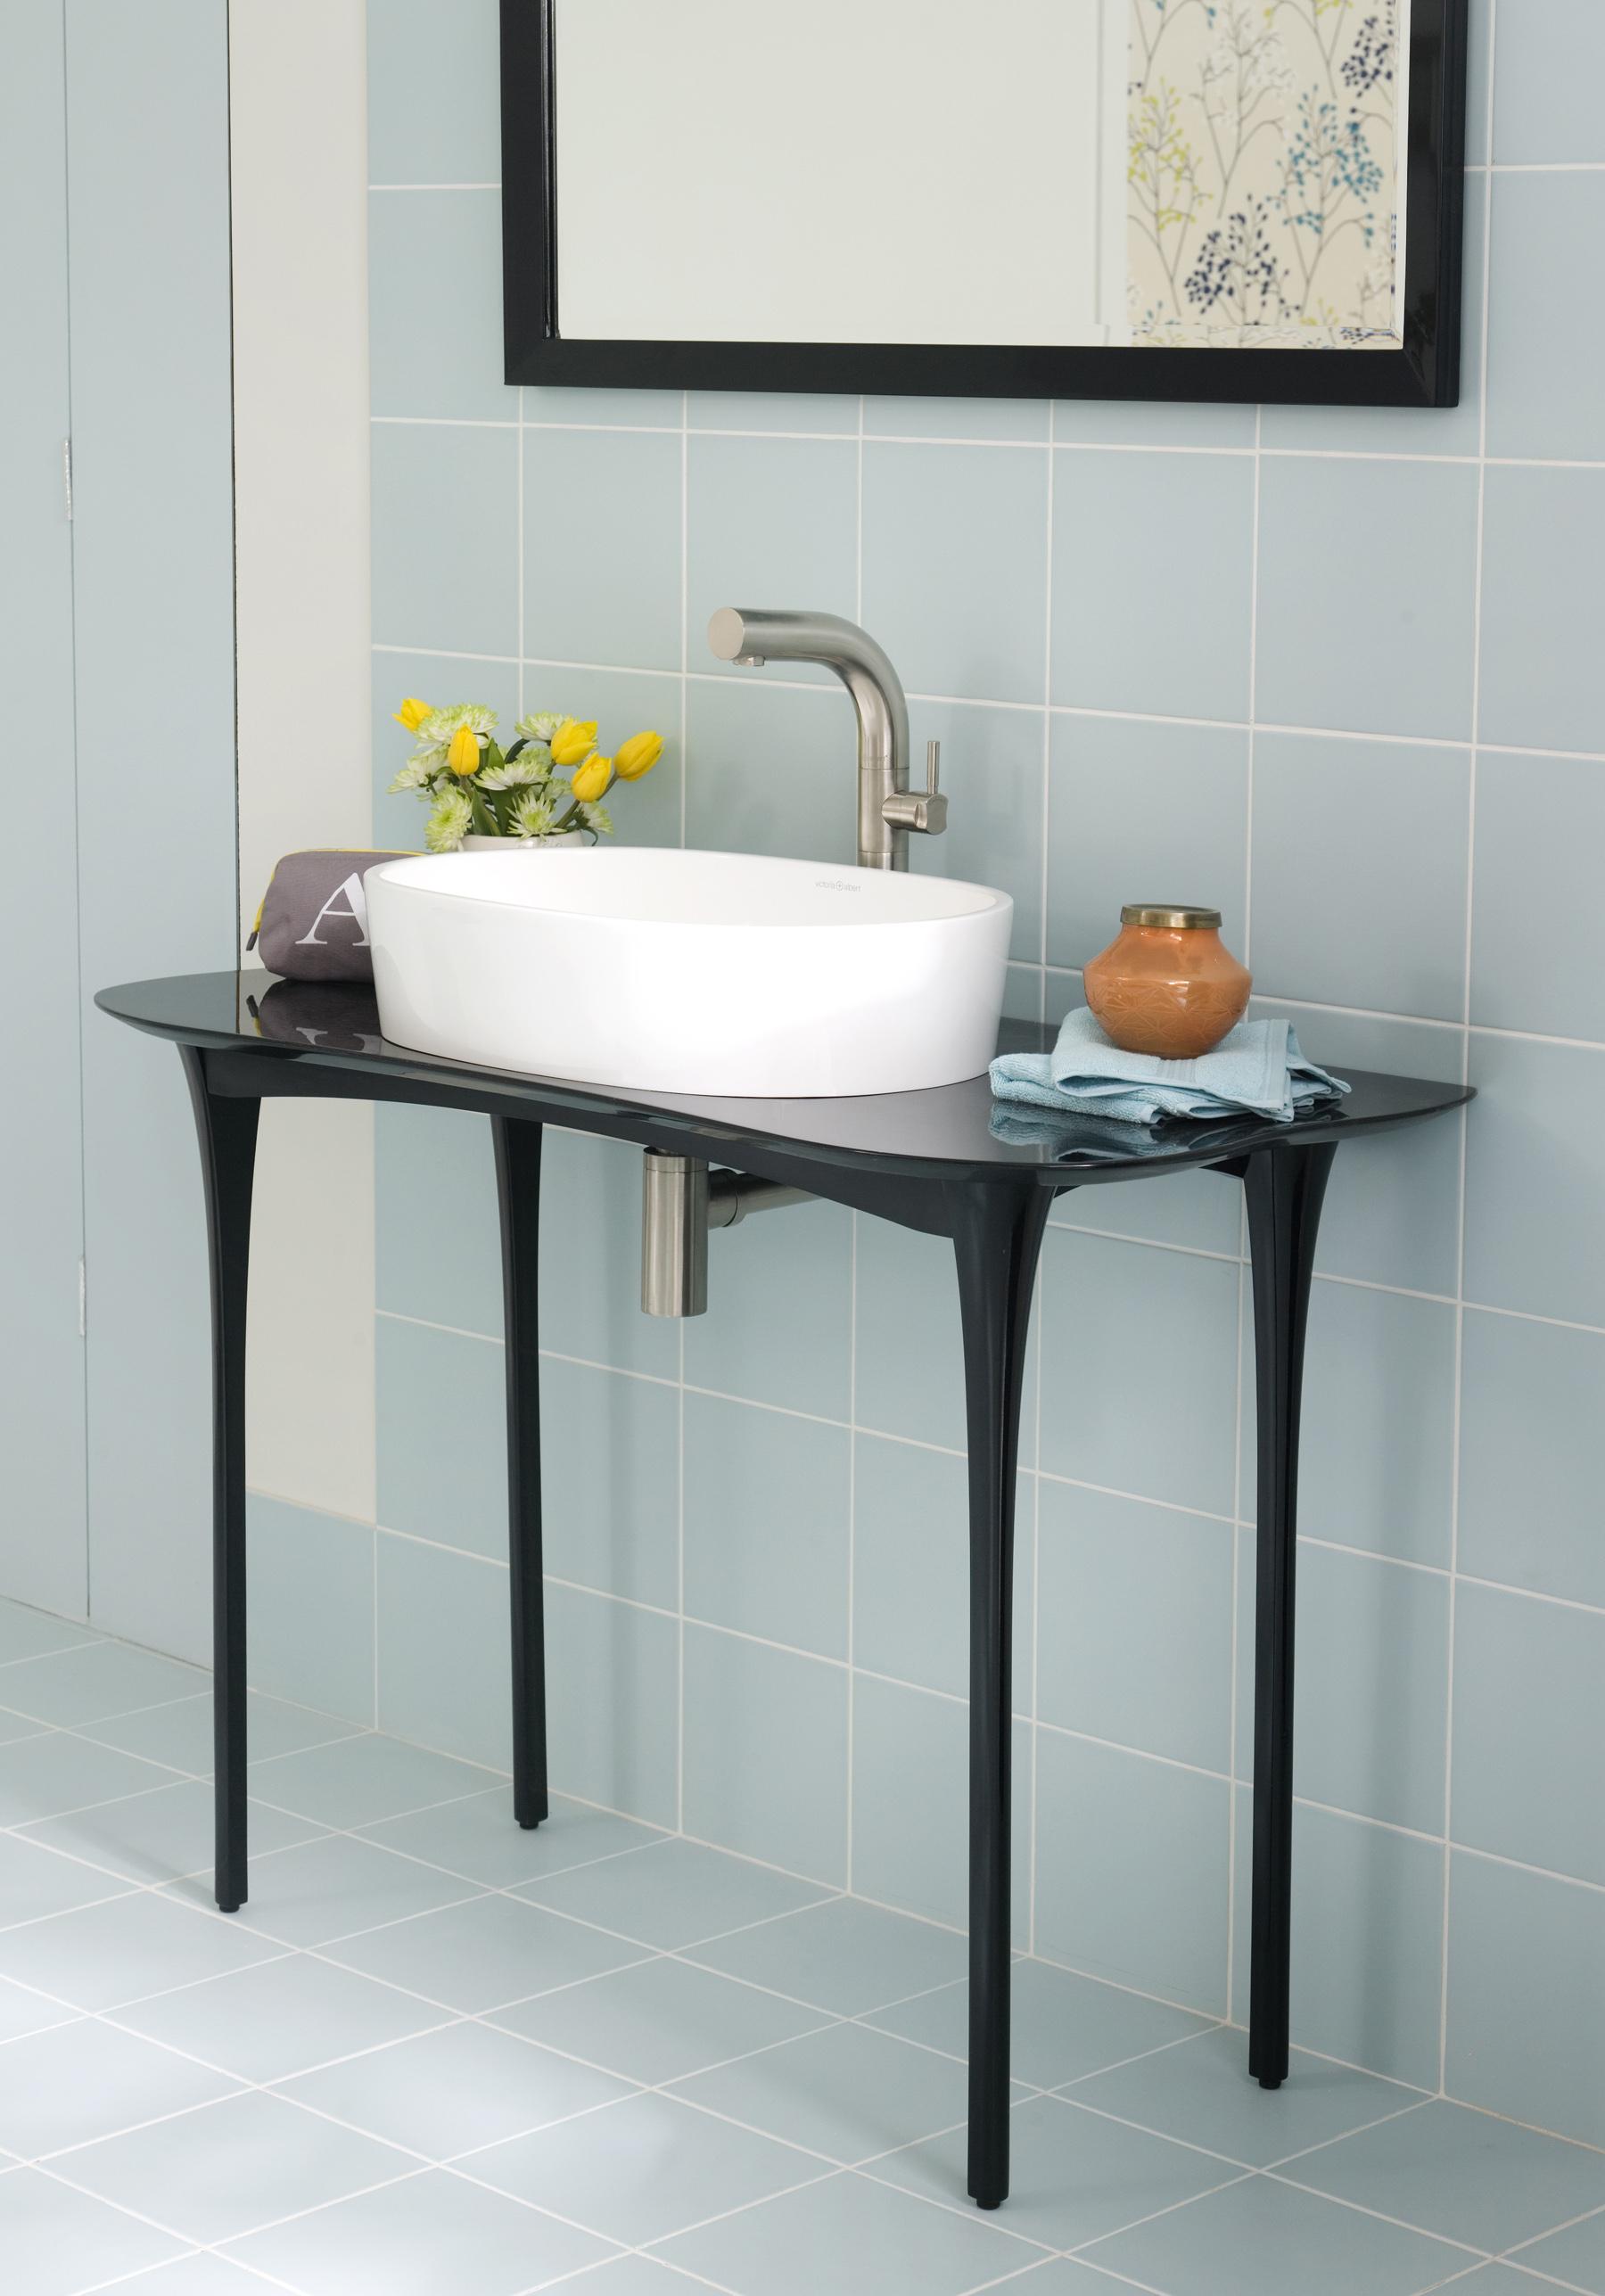 Stiletto Vanity, designed by Brigid Strevens for V+A Baths | Photo courtesy V+A Baths